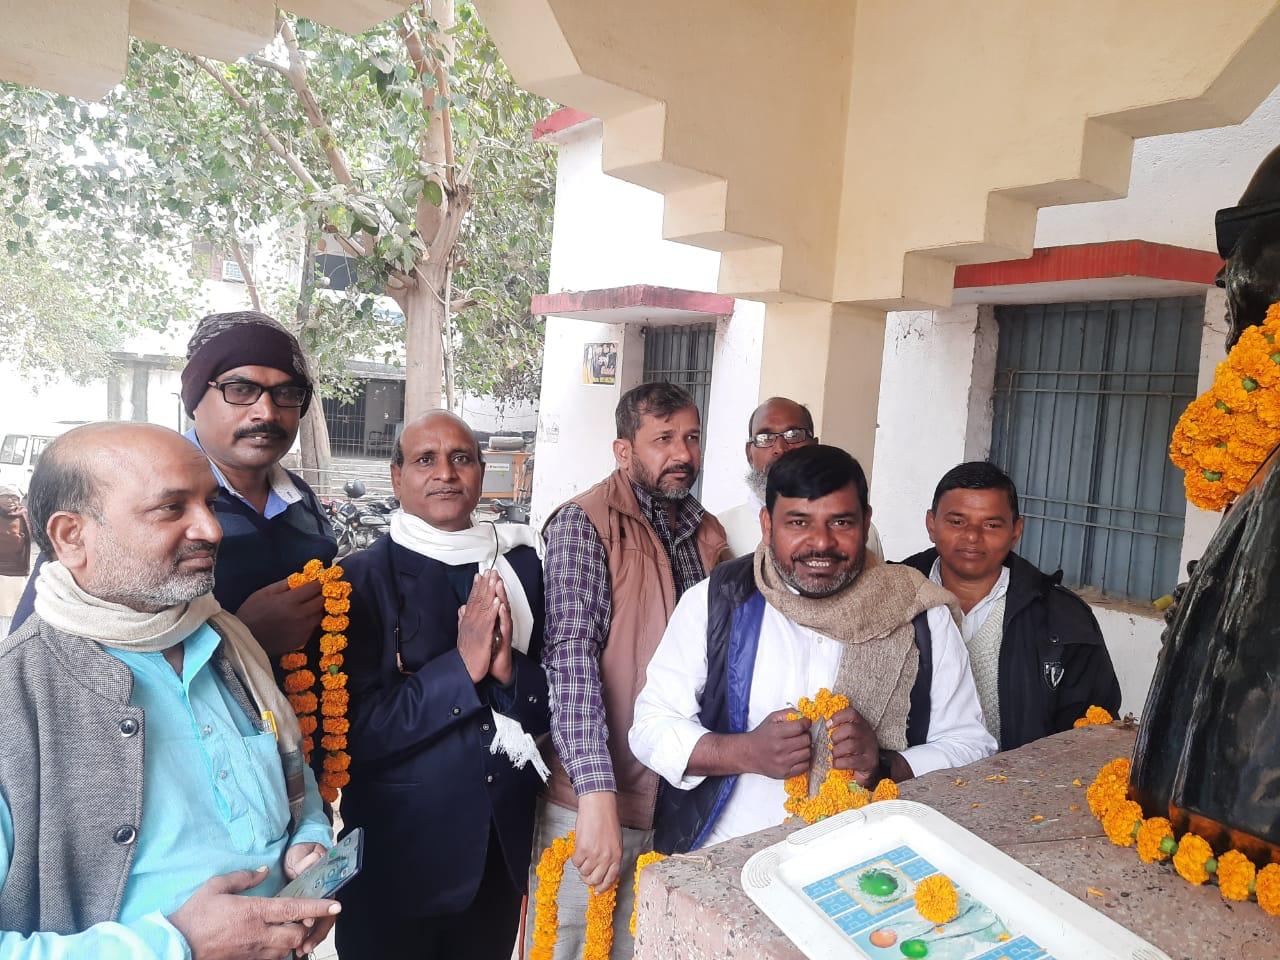 भारतीय संविधान निर्माता एवं समाज सुधारक डॉक्टर भीम राव अम्बेडकर शोषितो ,पीड़ितों ,दलितों ,पिड़ों एवं वंचितों के आवाज थे।